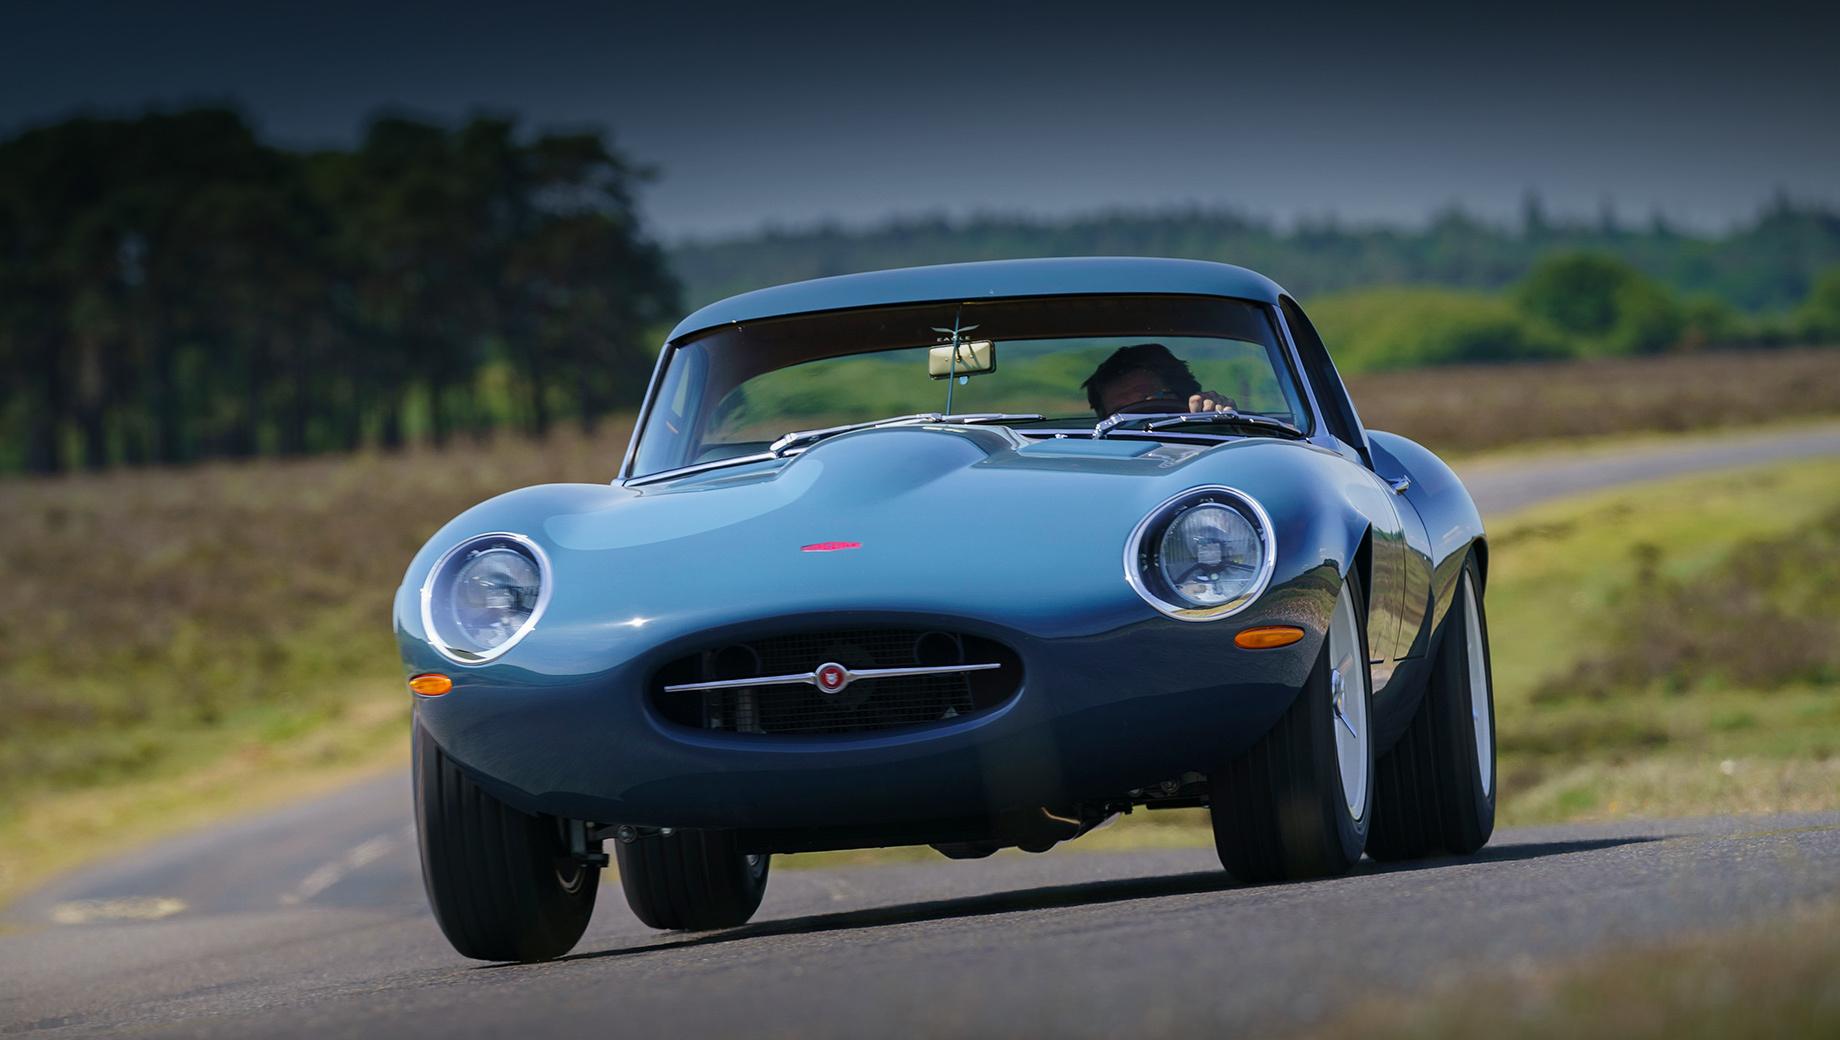 На рынок выходит Eagle Lightweight GT– реплика особой модификации культового Jaguar E-Type. Ежегодный тираж, мягко говоря, невелик – лишь пара экземпляров.